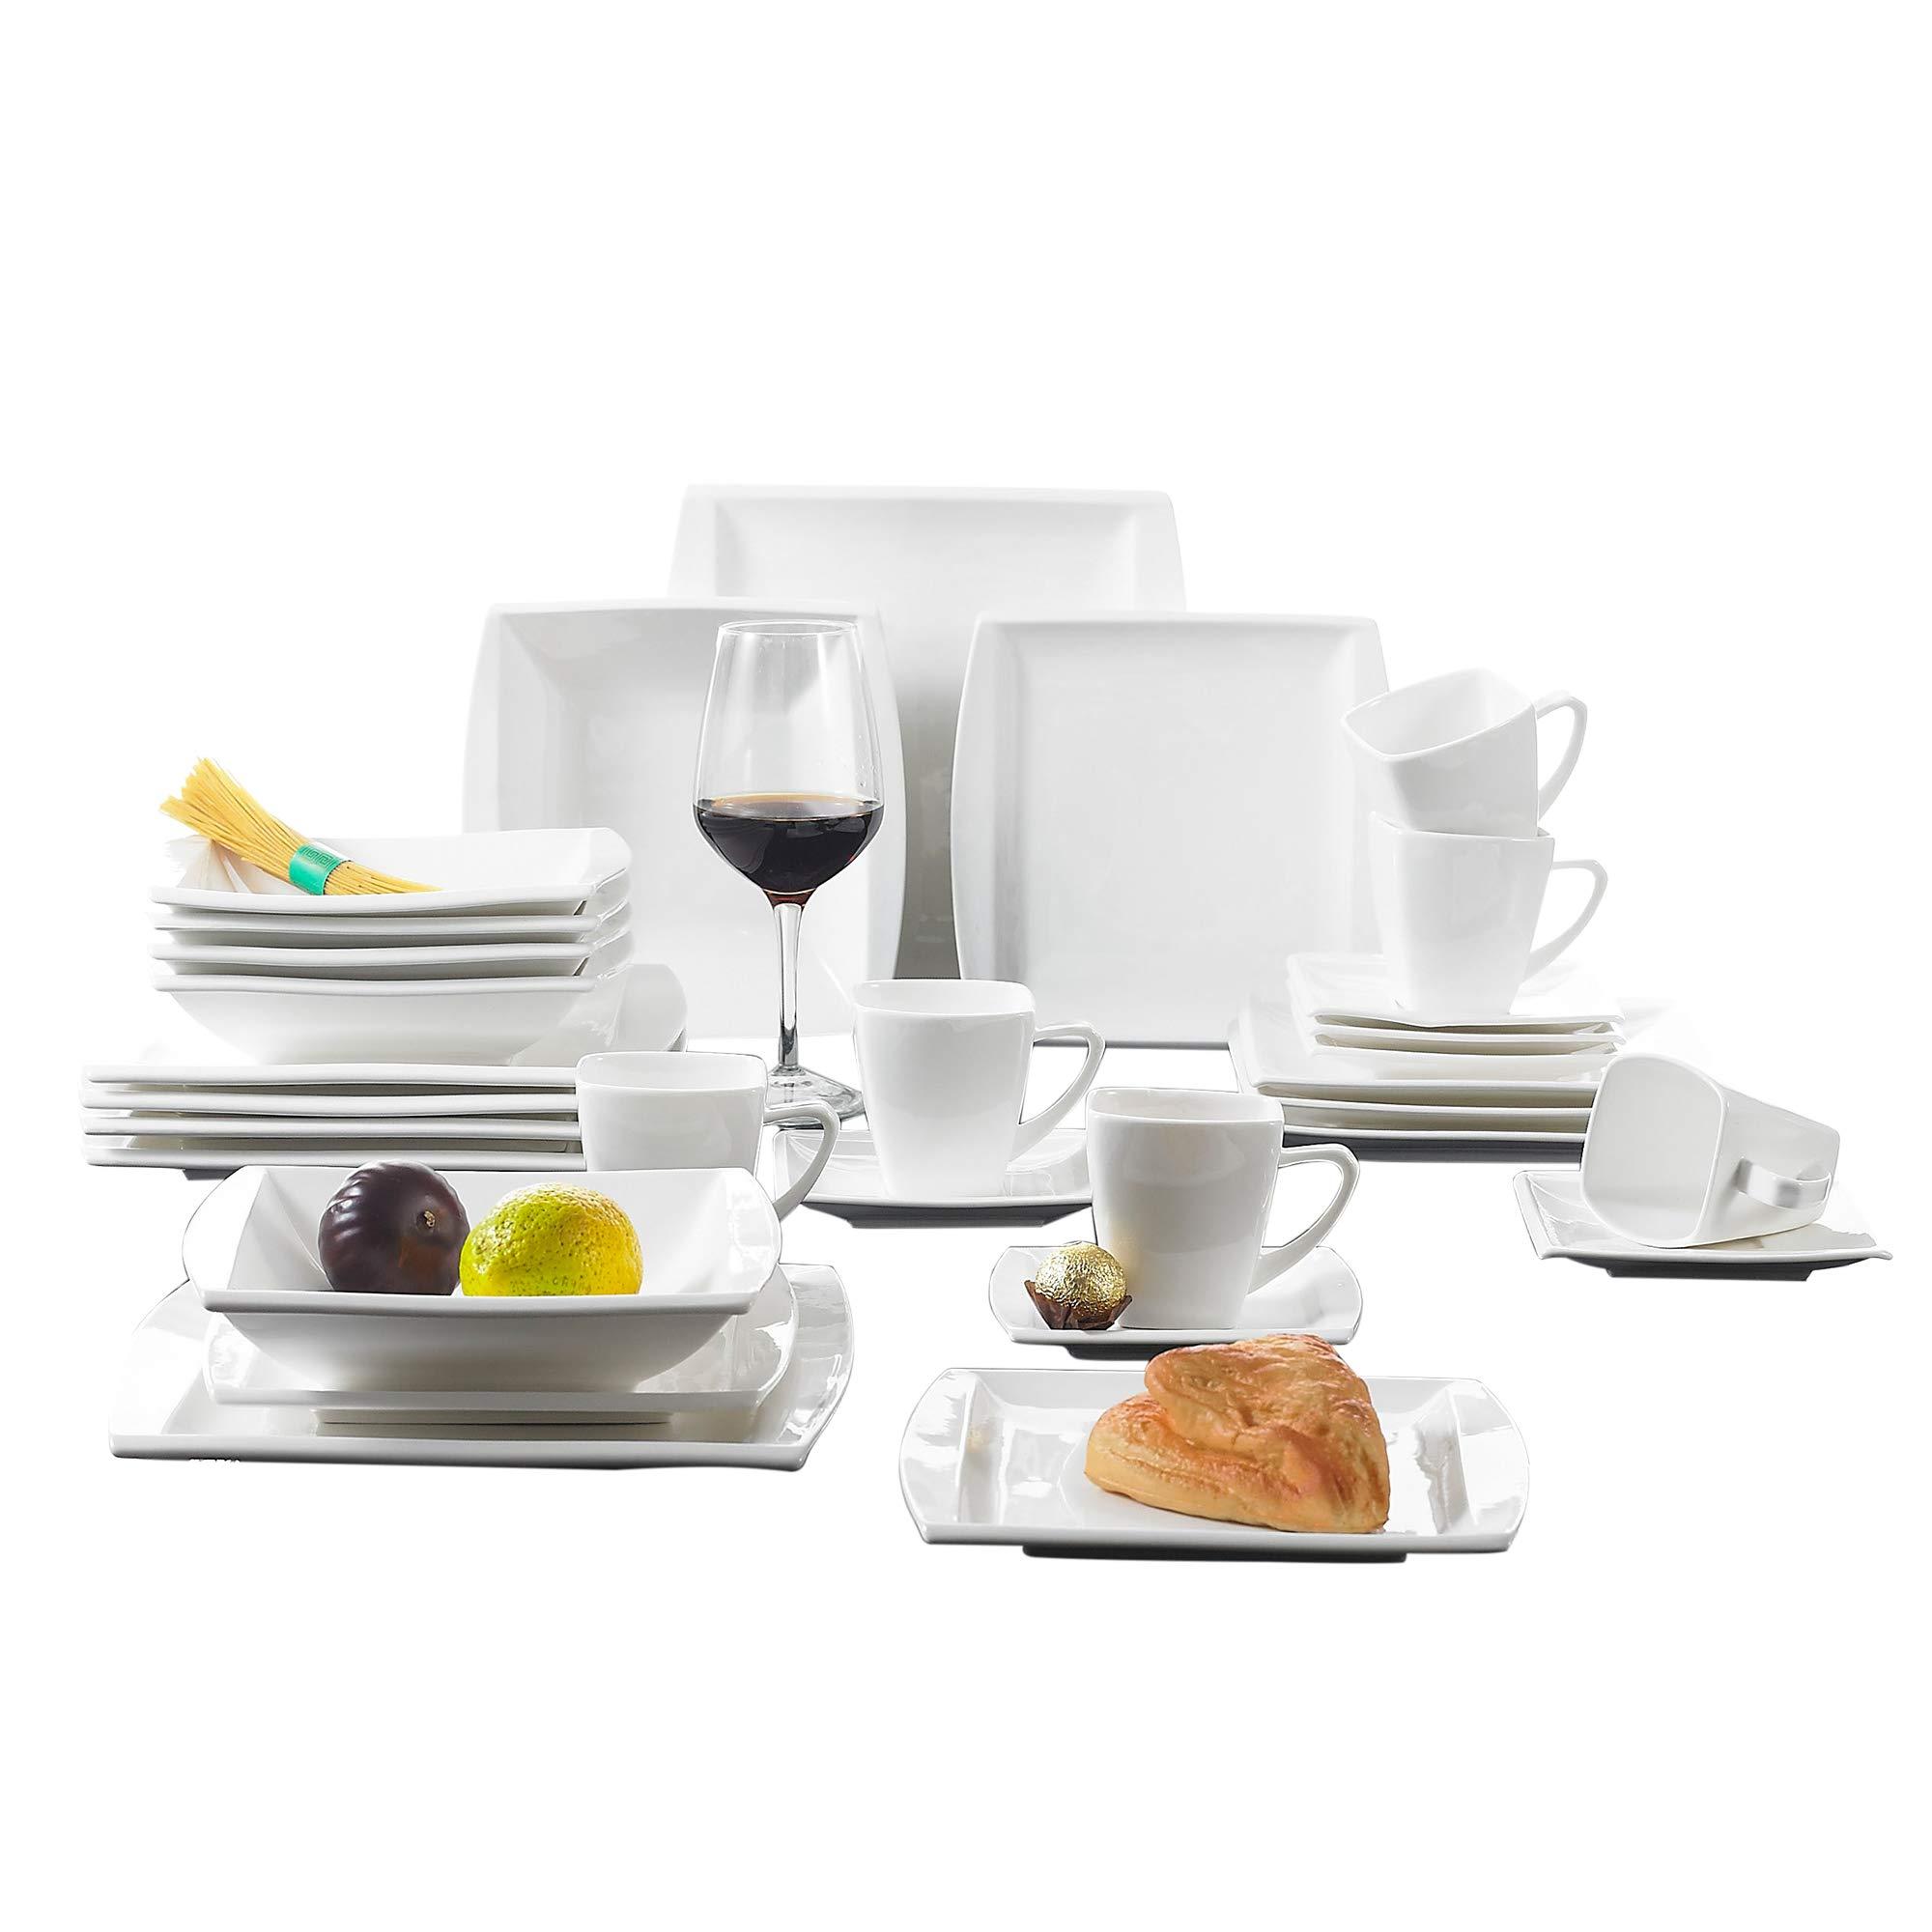 MALACASA, Serie Blance, Juego de Vajilla de Porcelana, Juegos de vajilla 30 Piezas